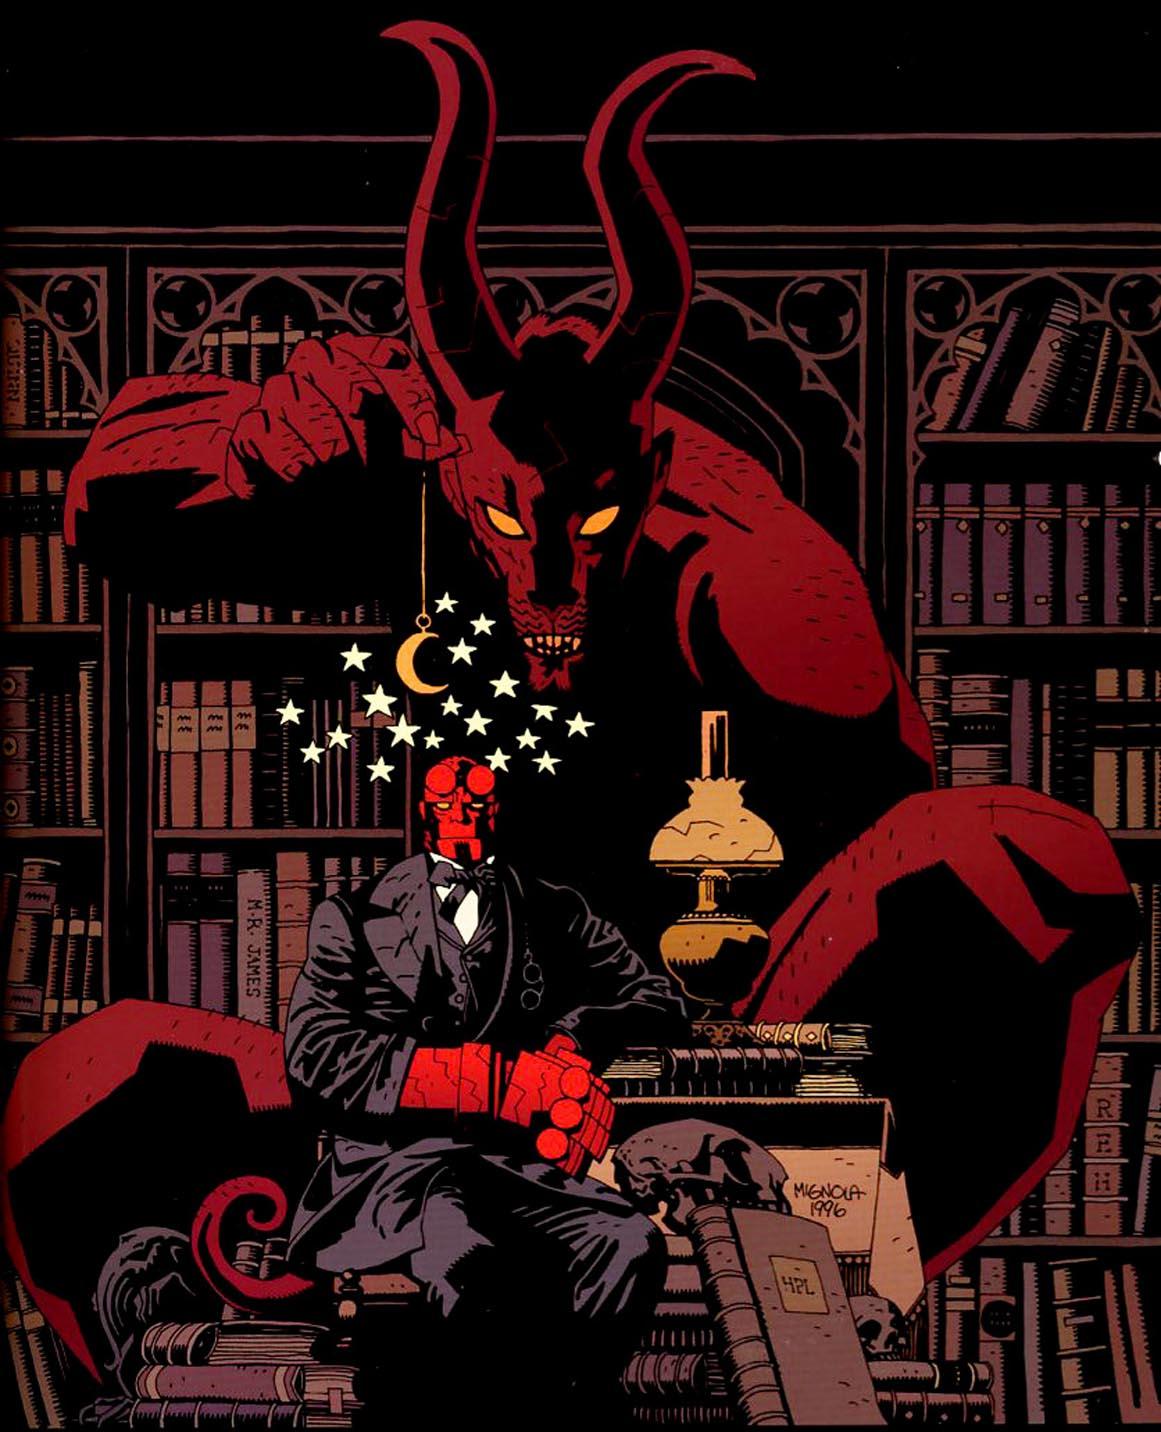 hellboy-background-3-762609